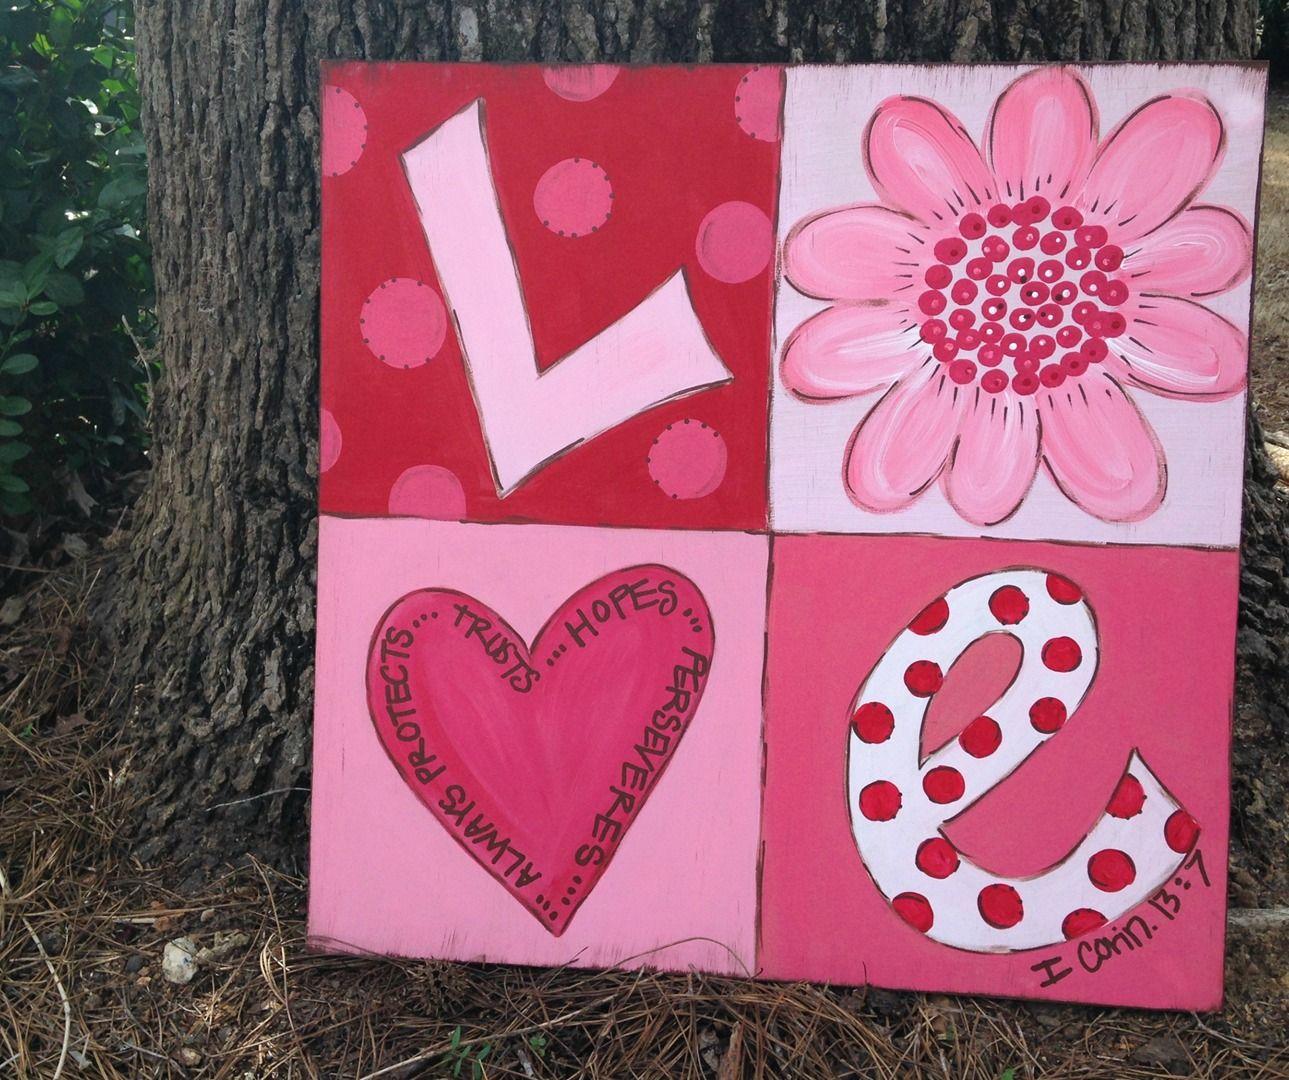 4152900c30cc960a76504797fb84d279 1 289 080 Pixels Valentines Art Canvas Painting Diy